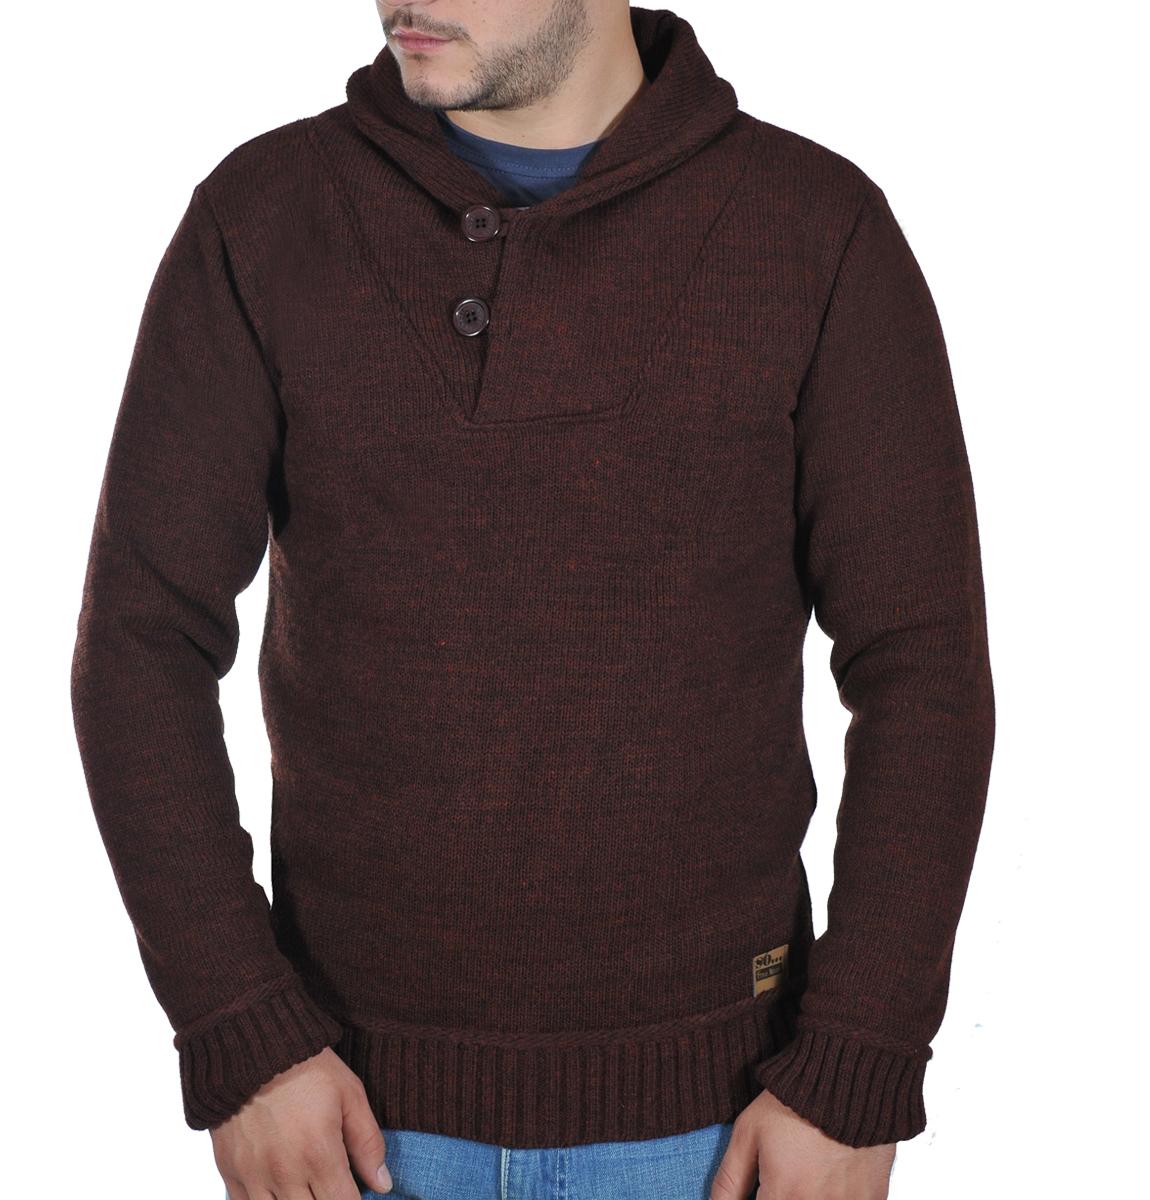 Ανδρικό Πλεκτό Ηigh Neck-Καφέ αρχική ανδρικά ρούχα πλεκτά